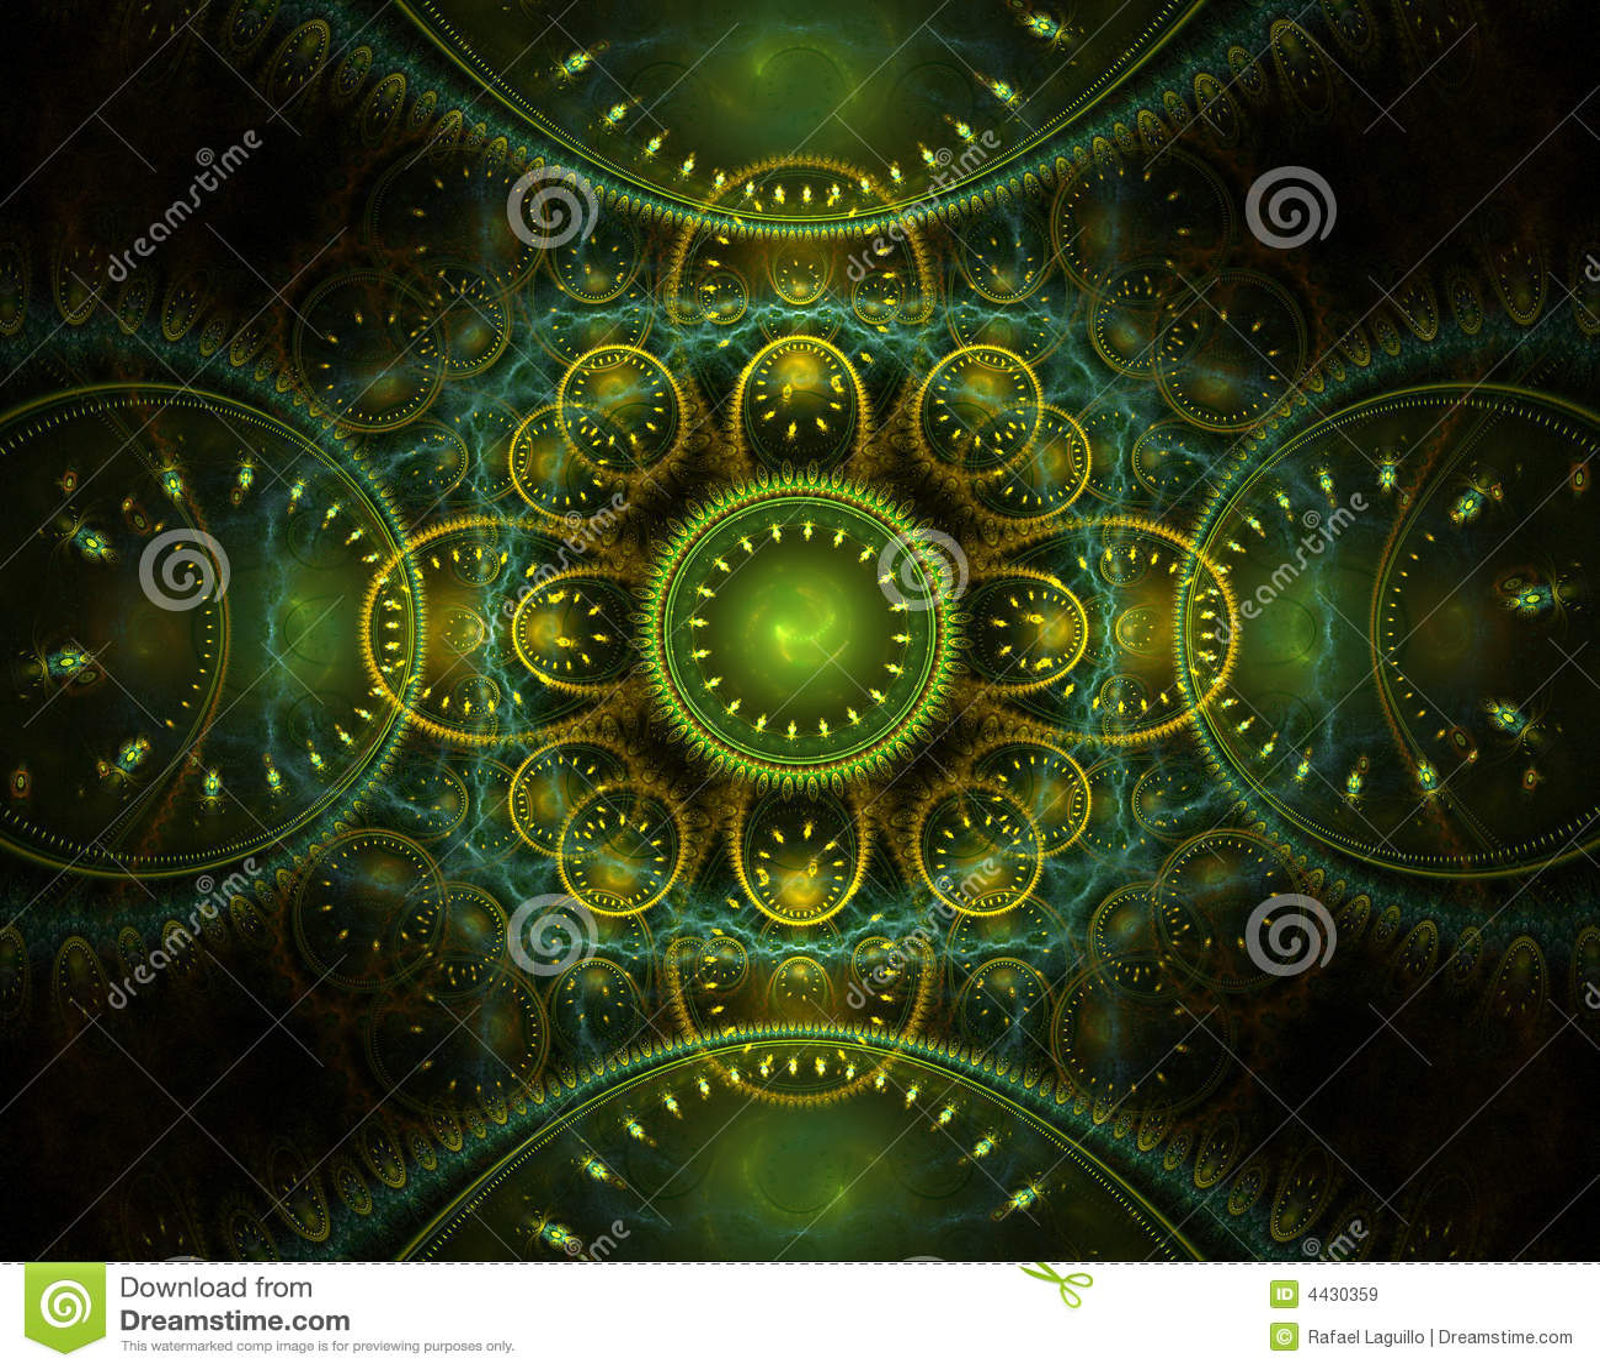 Fractal Design Royalty Free Stock Images - Image: 4430359